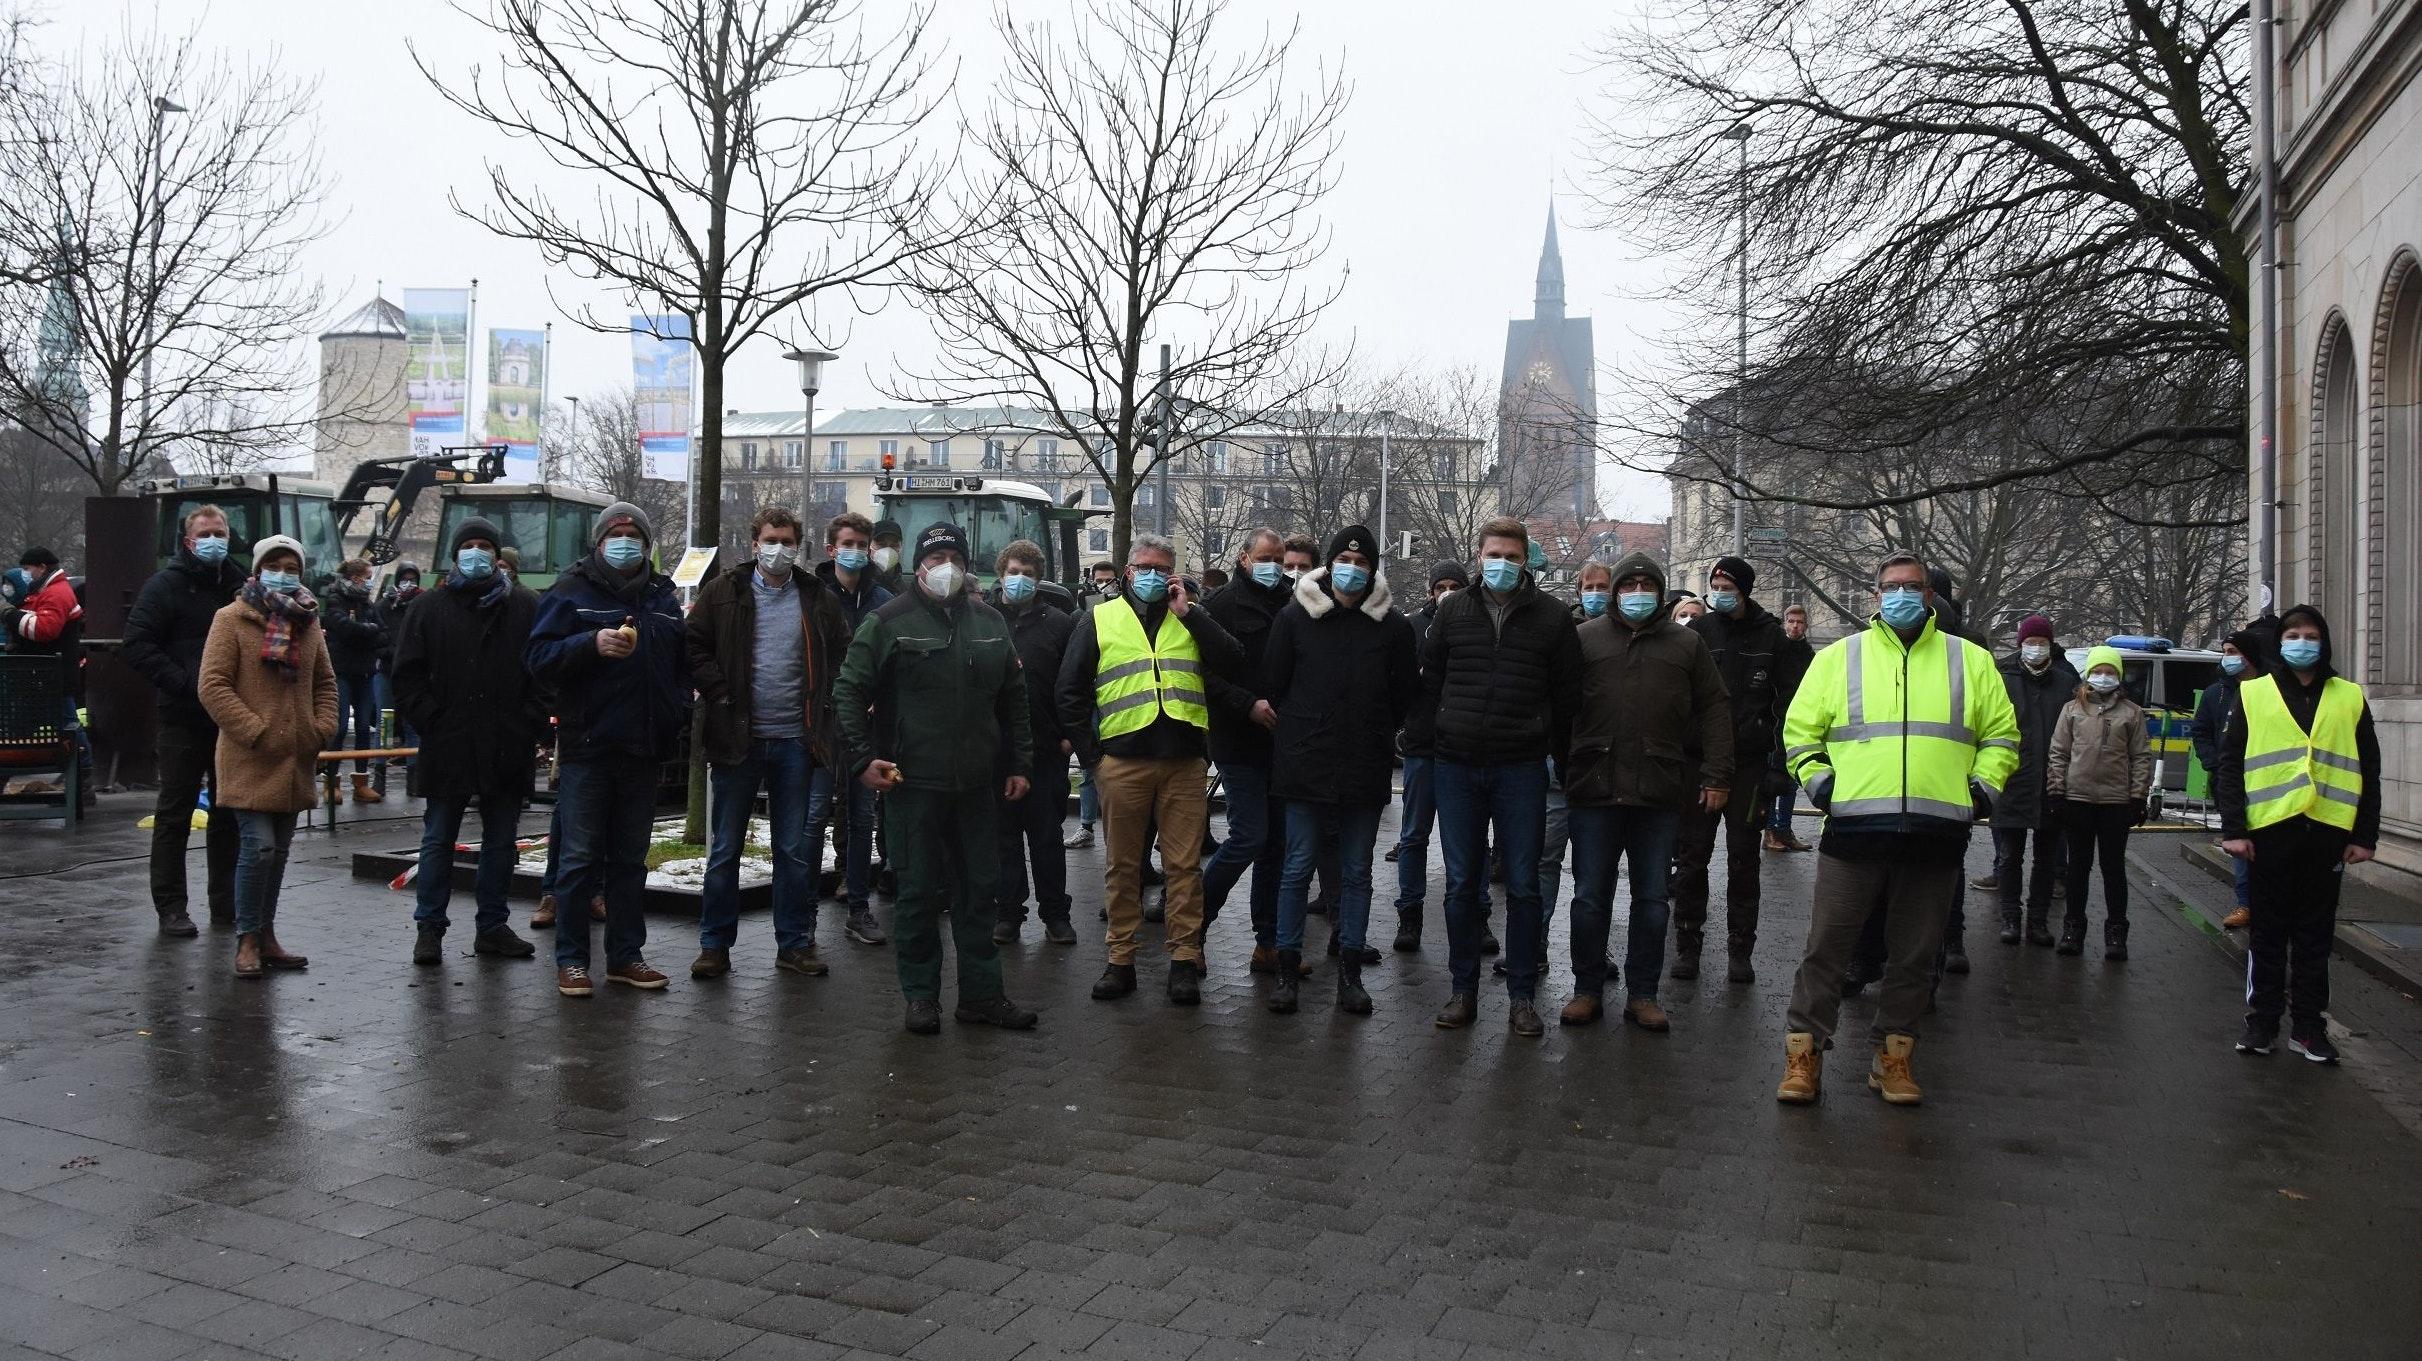 Protest in der Landeshauptstadt: Landwirte aus dem Landkreis Vechta in Hannover am Ort der Mahnwache vor dem Agrar- und dem Umweltministerium. Foto: Tzimurtas